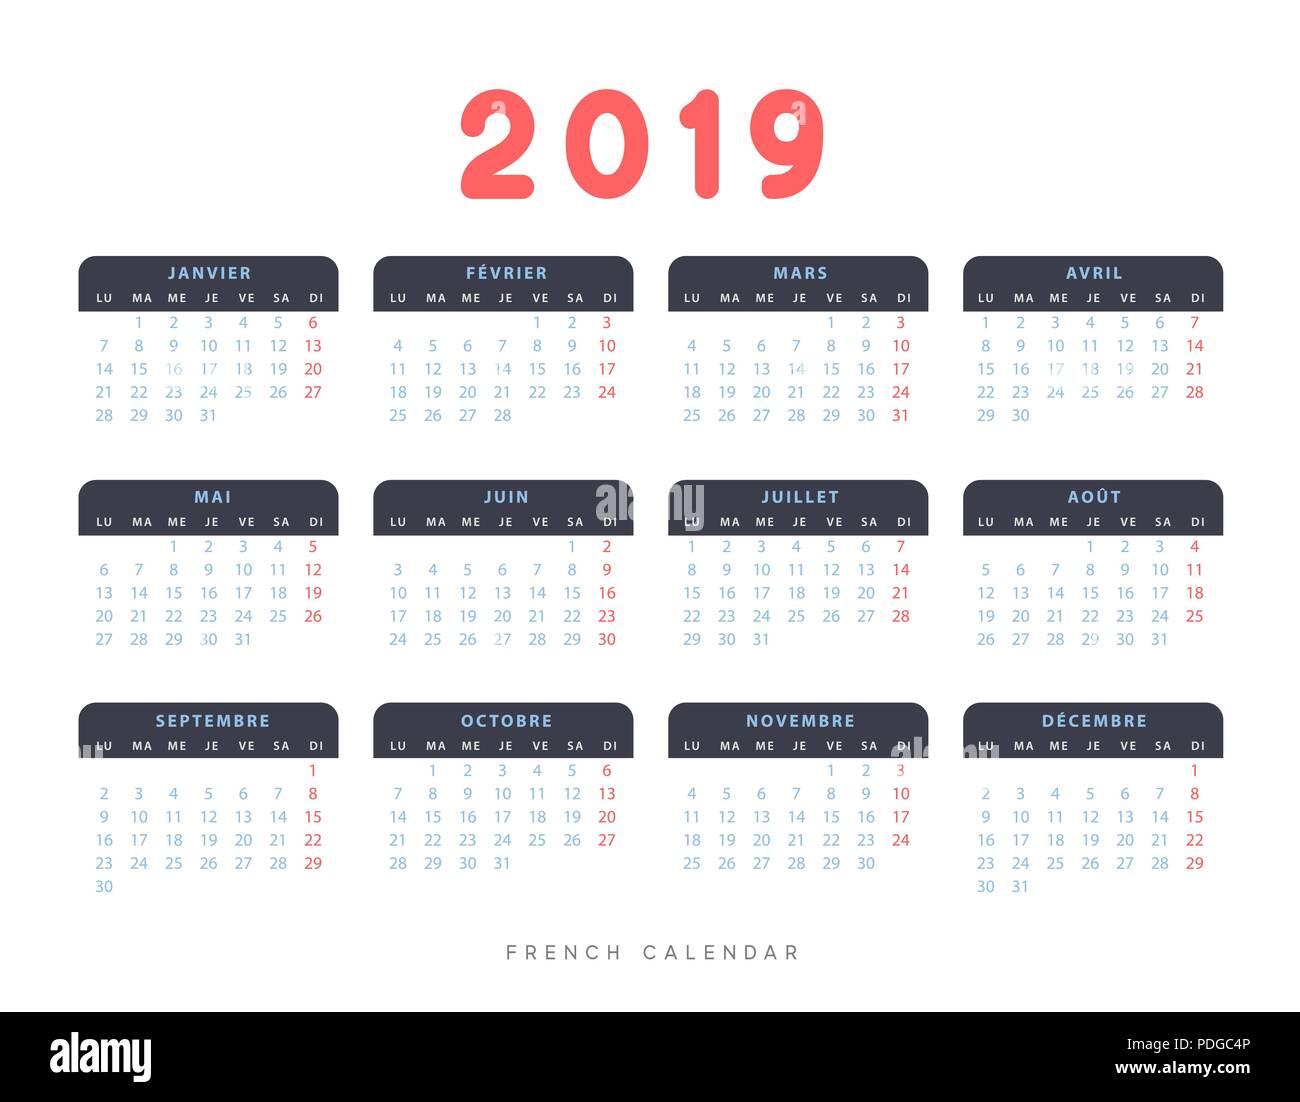 Calendario Frances.Simple Calendario Frances De 2019 Anos La Semana Comienza